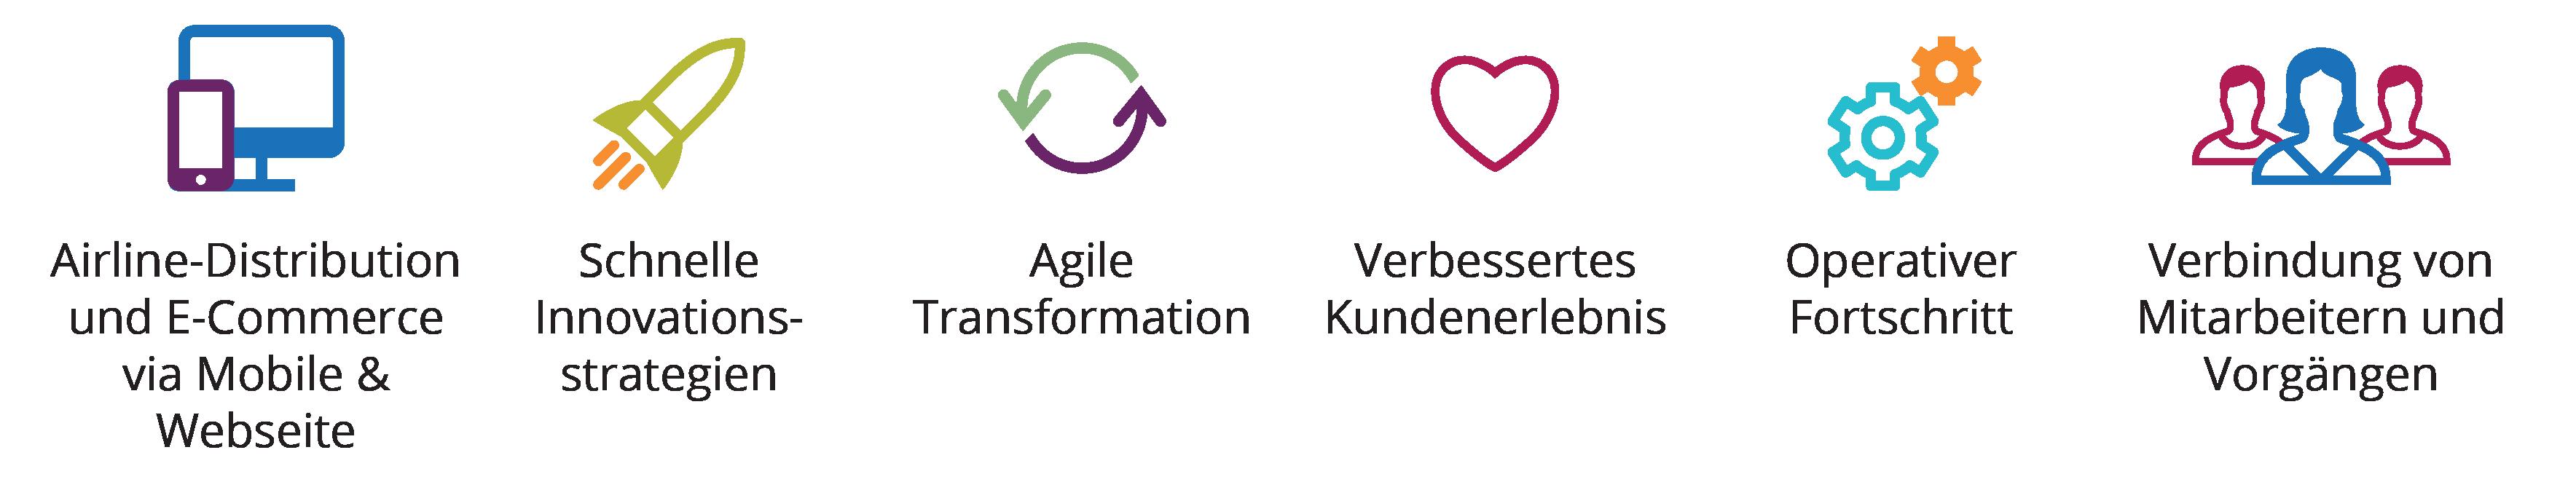 Airline-Distribution und E-Commerce via Mobile & Webseite.Schnelle Innovationsstrategien. Agile Transformation. Verbessertes Kundenerlebnis. Operativer Fortschritt. Verbindung von Mitarbeitern und Vorgängen.